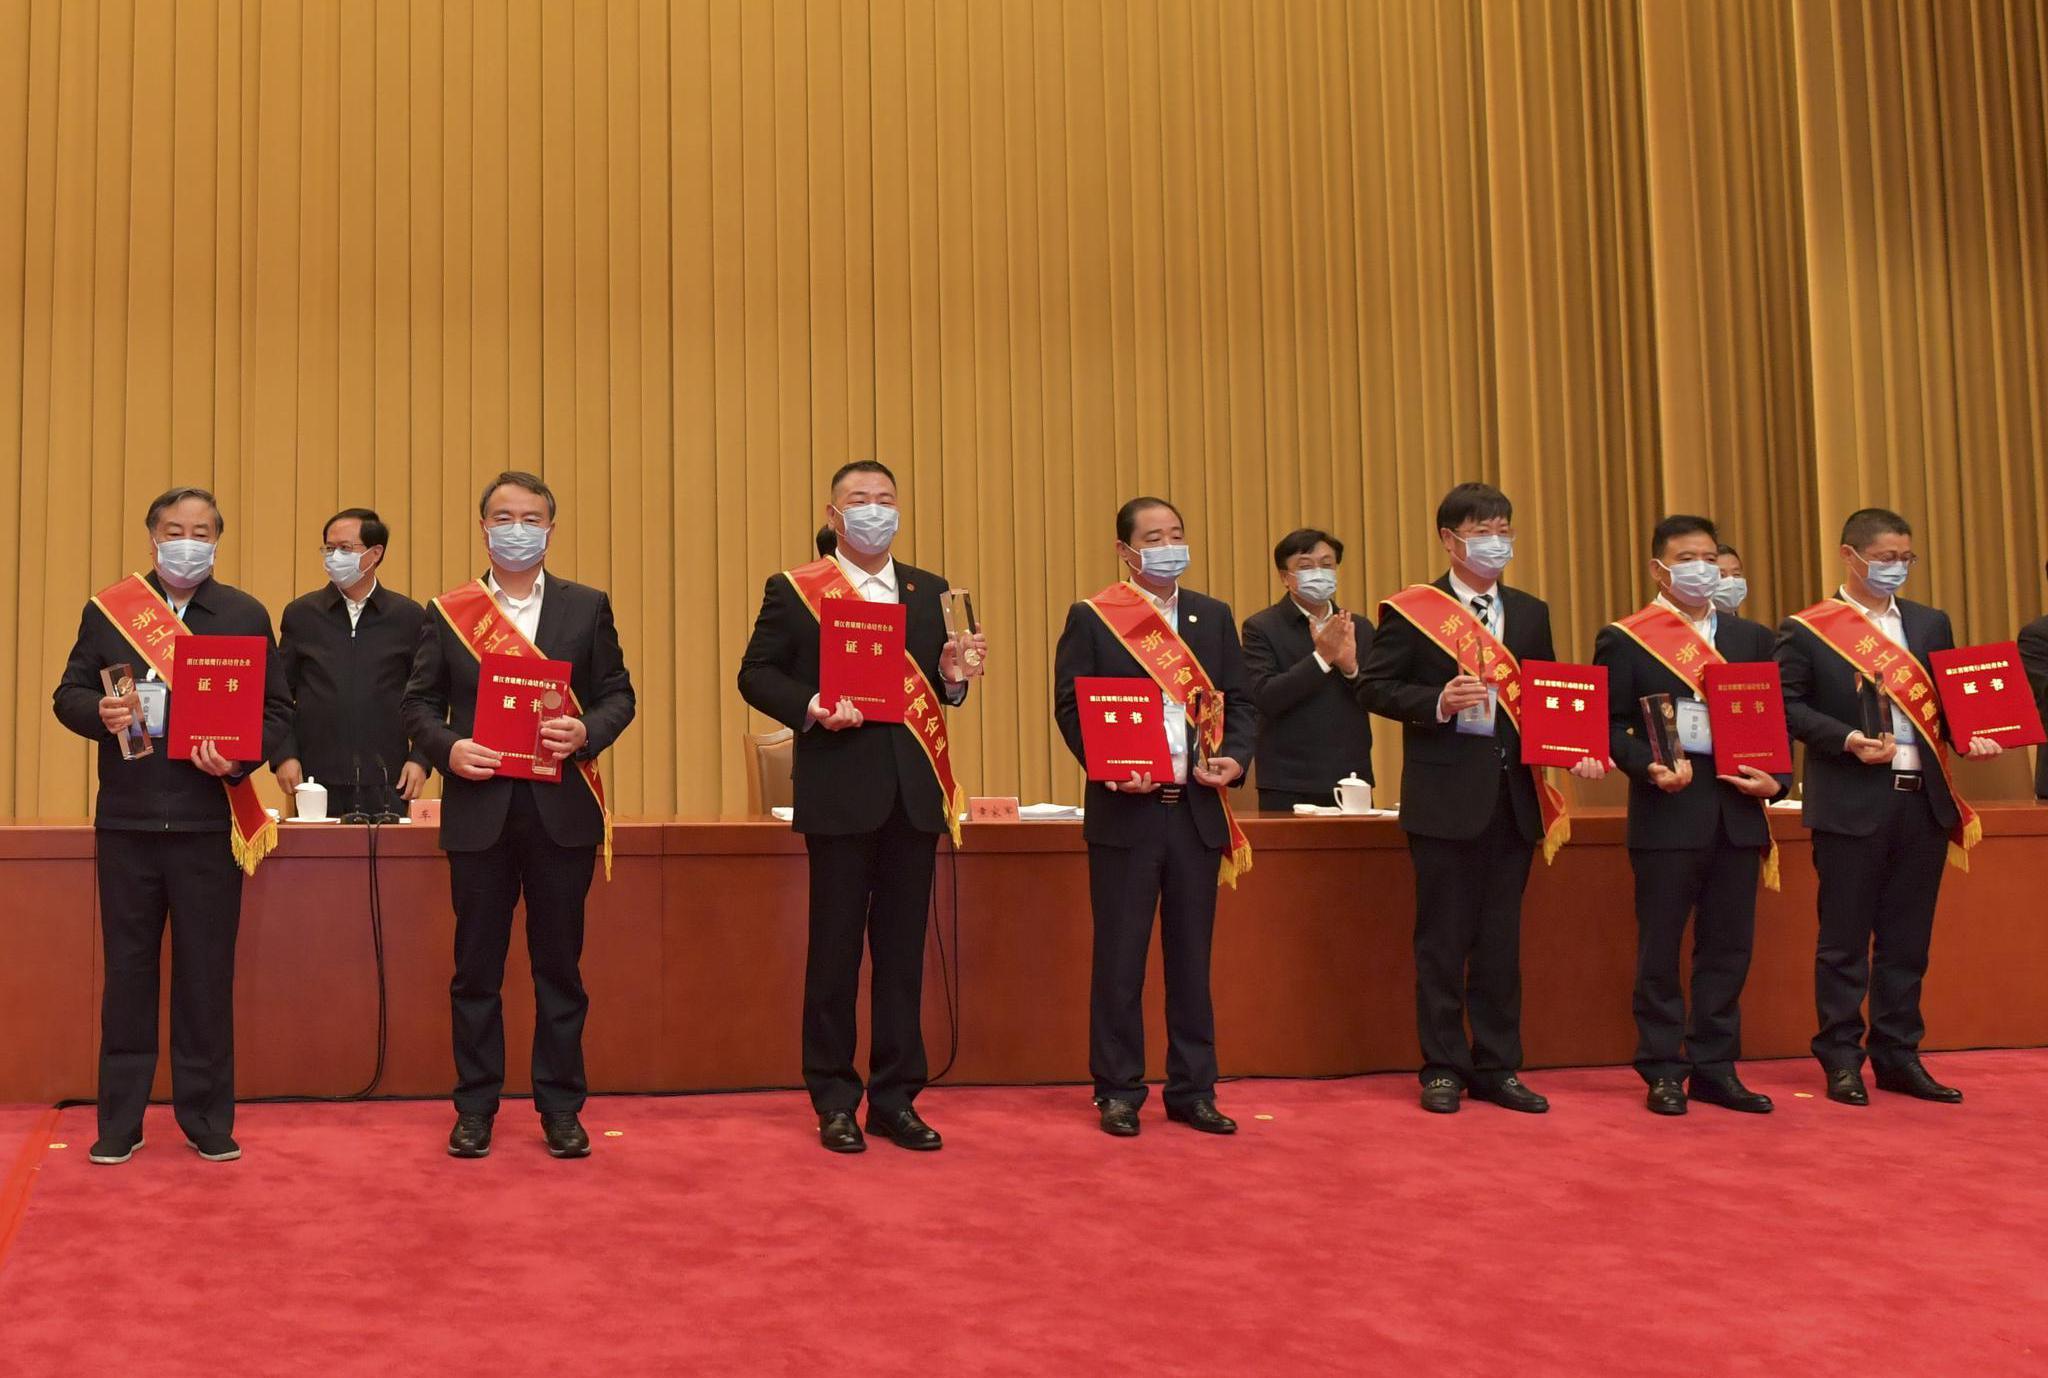 浙江制造业高质量发展大会上 德力西又获表彰